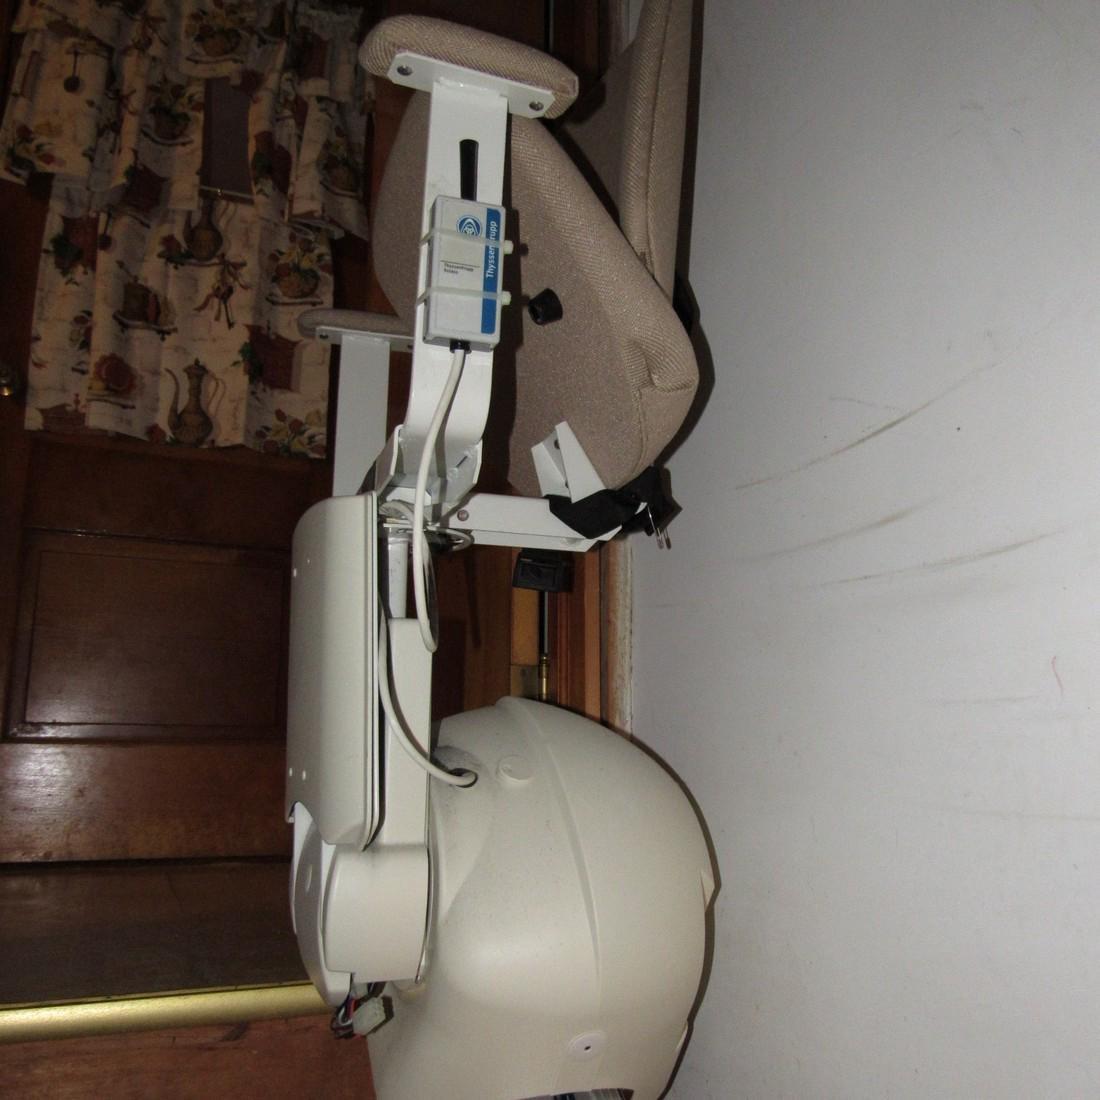 Thyssenkrup Citia Stair Chair - 3